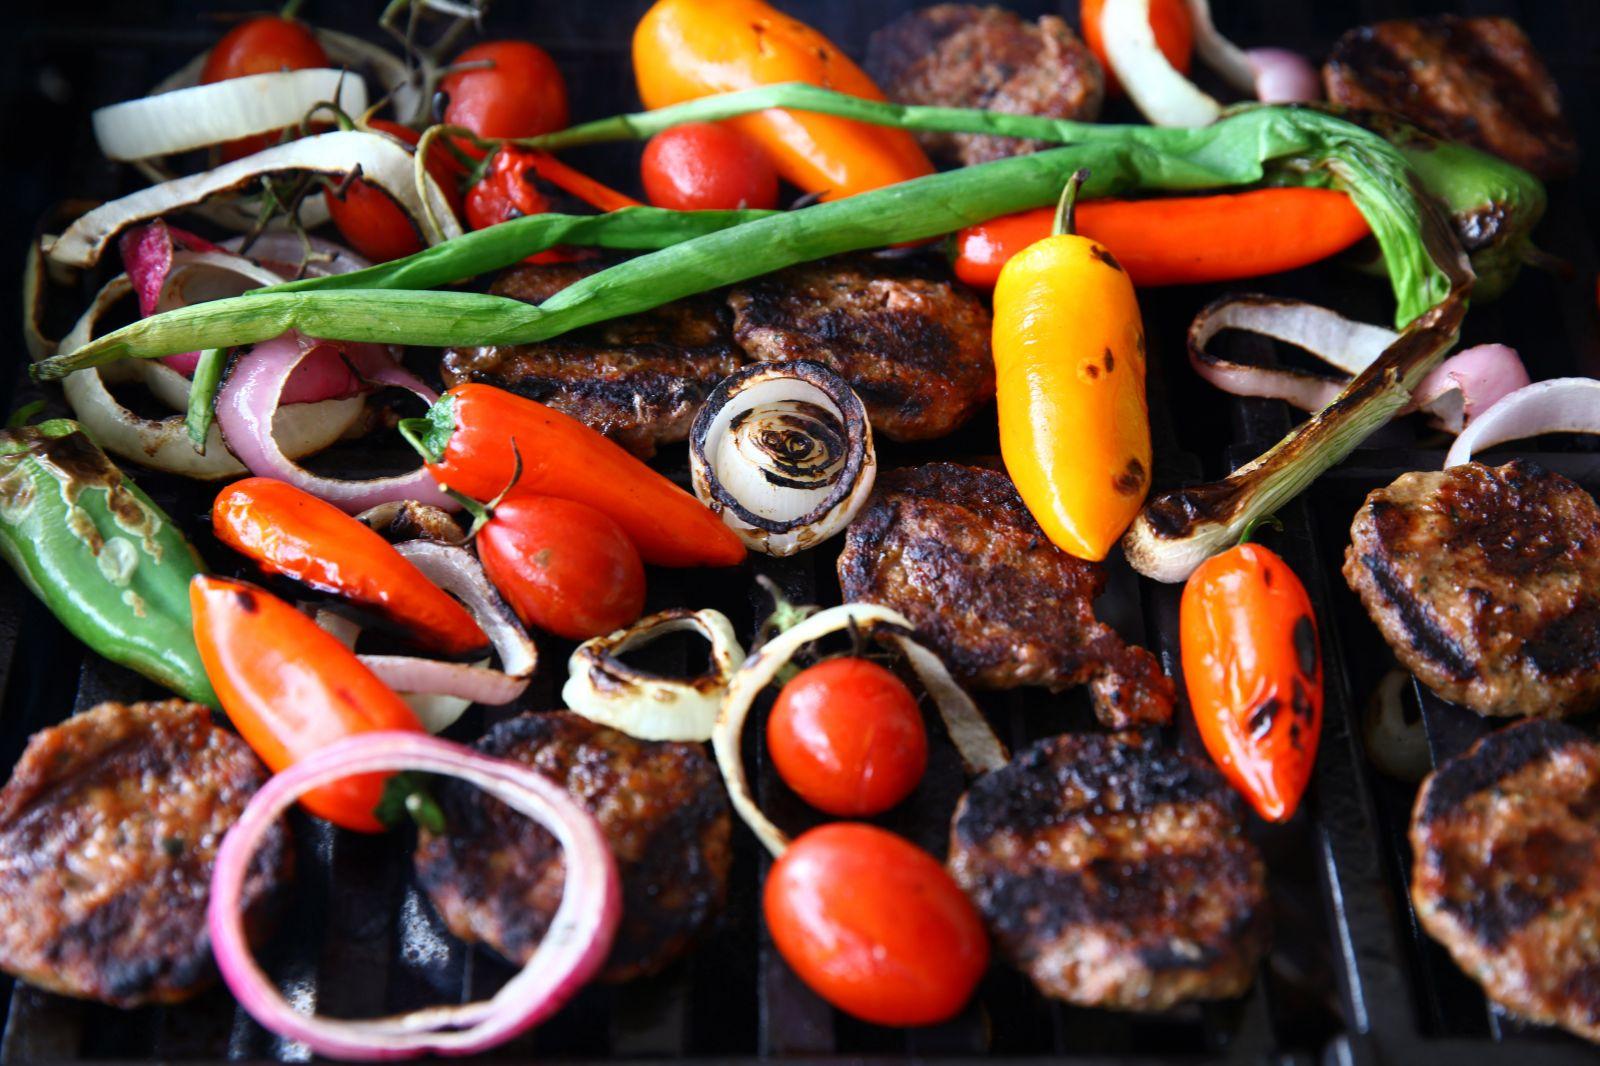 وصفة أسياخ لحم البقر المتبل